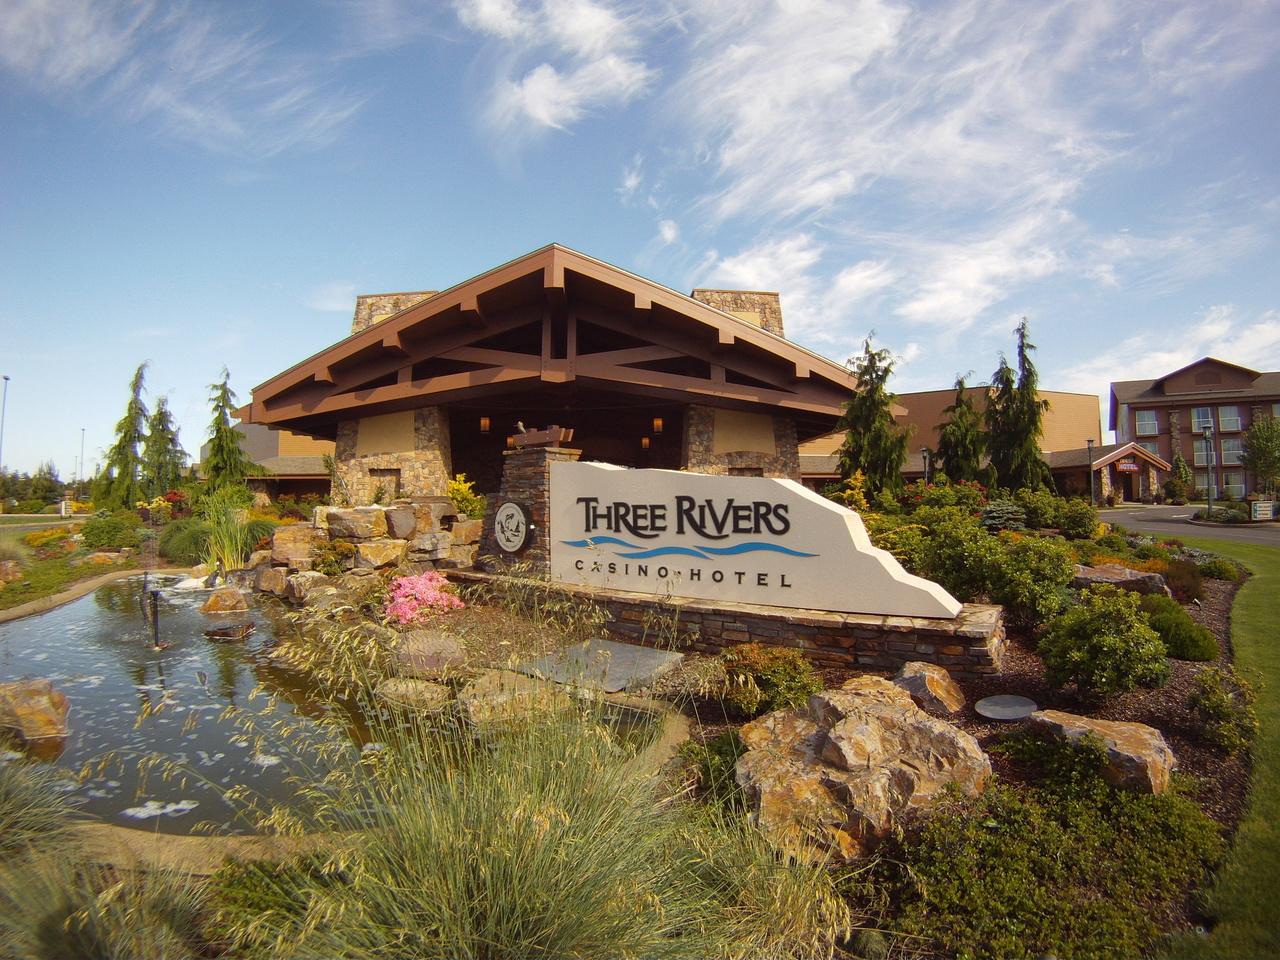 Three Rivers Casino Resort